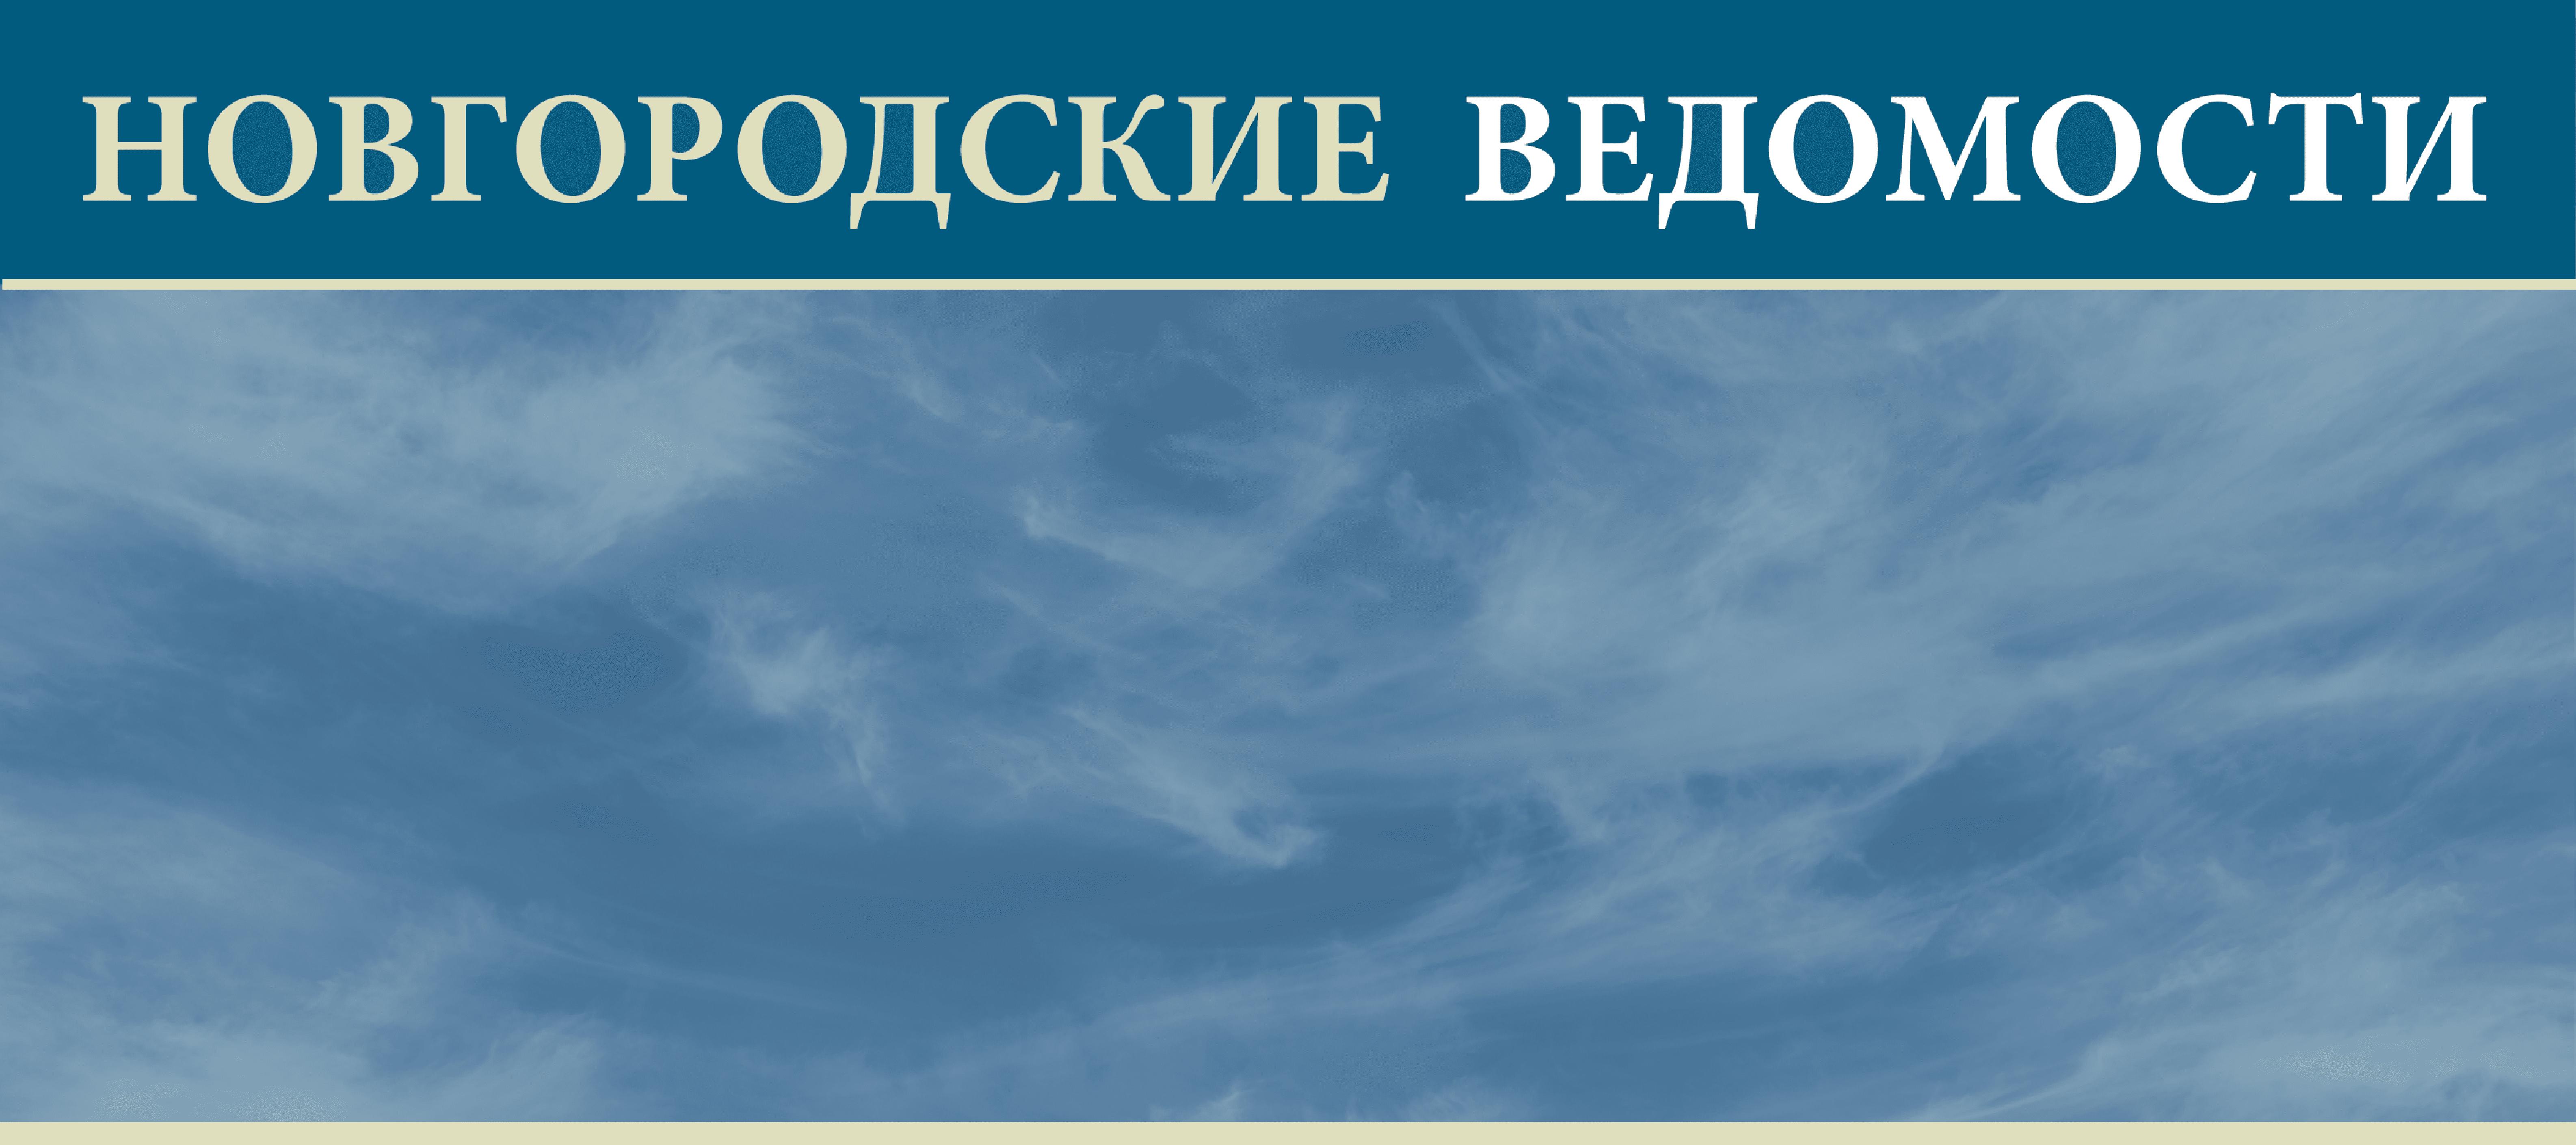 Новгородские стартапы. Истории успеха